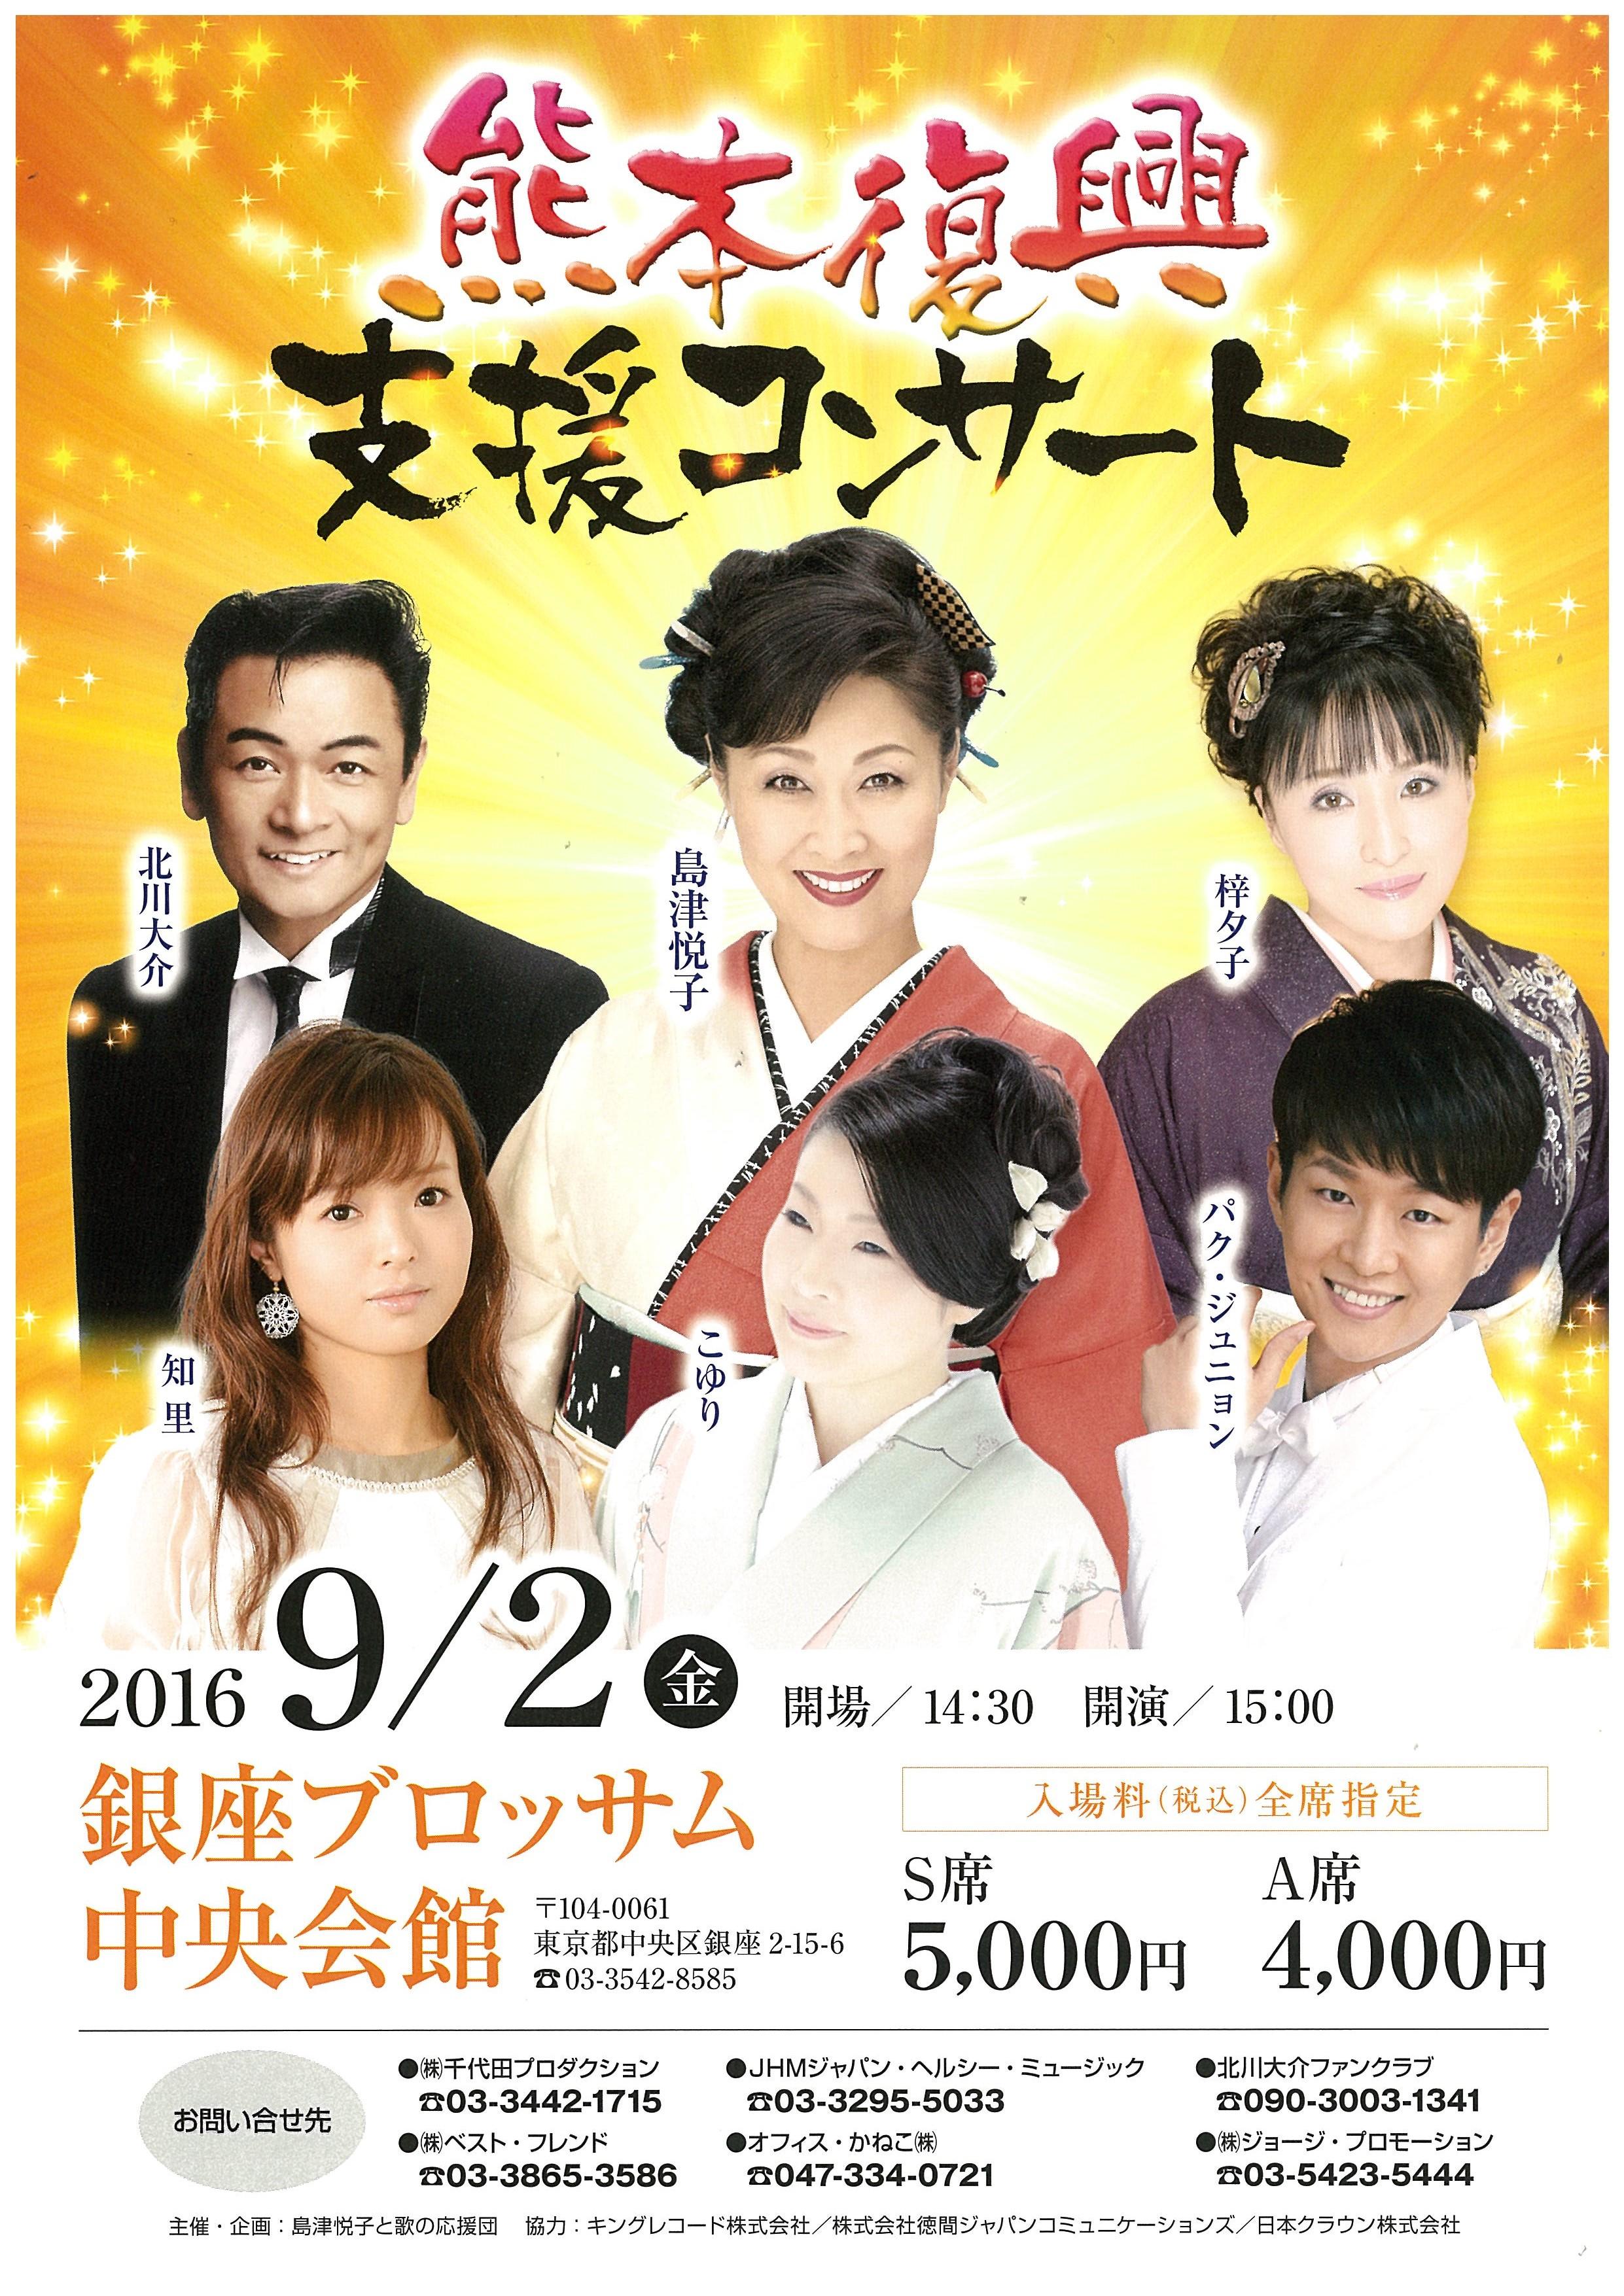 熊本復興支援コンサート